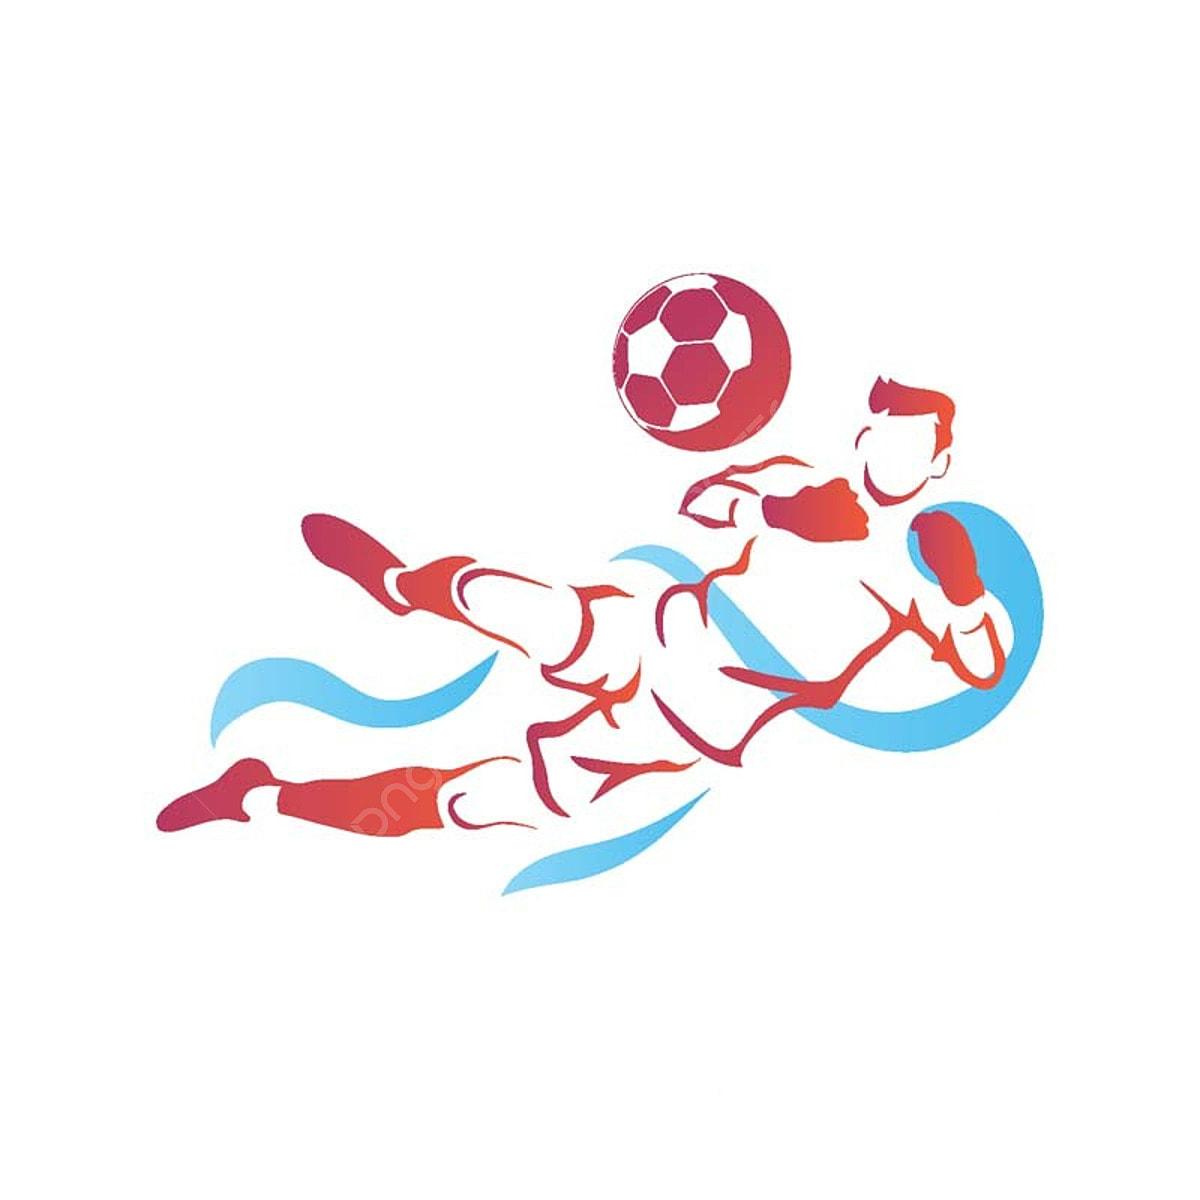 現代のサッカー選手のゴールキーパーのロゴのイラスト フットボール